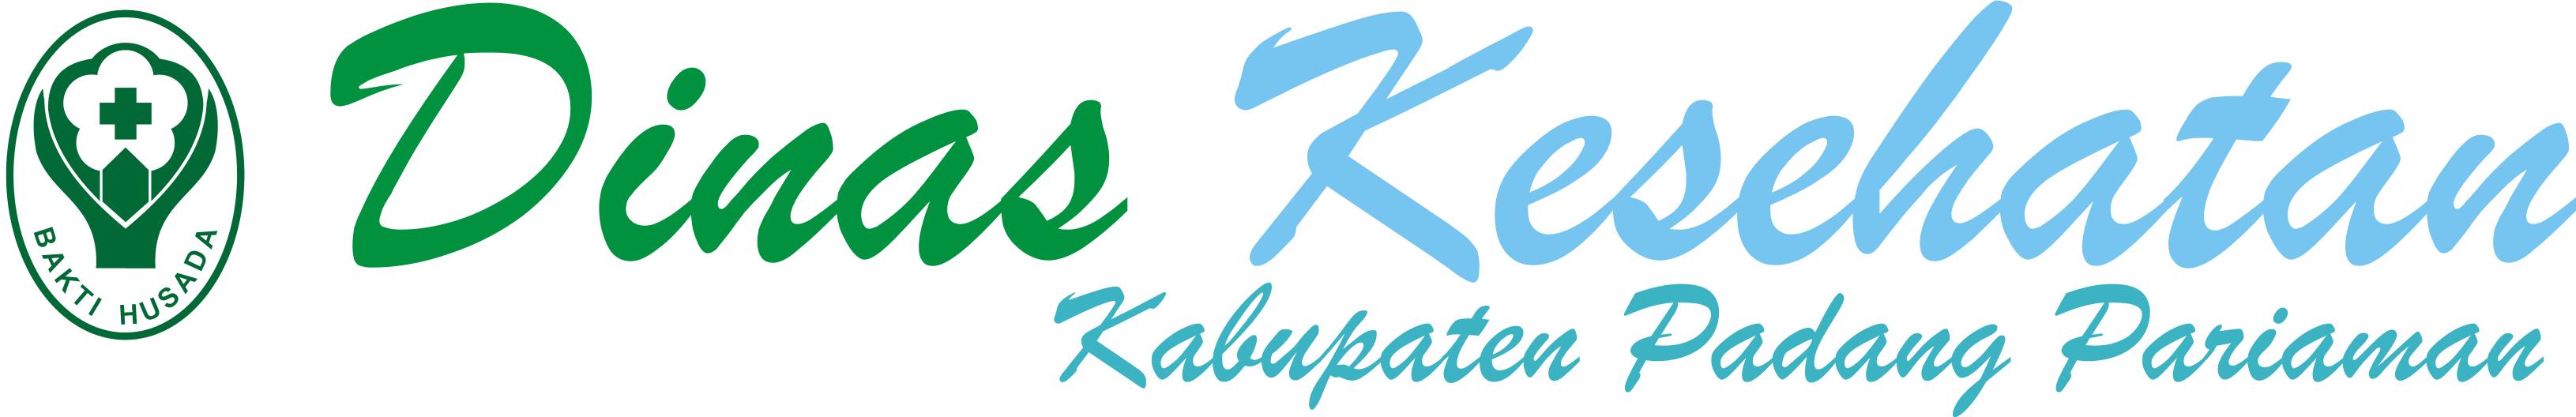 Dinas Kesehatan Kabupaten Padang Pariaman